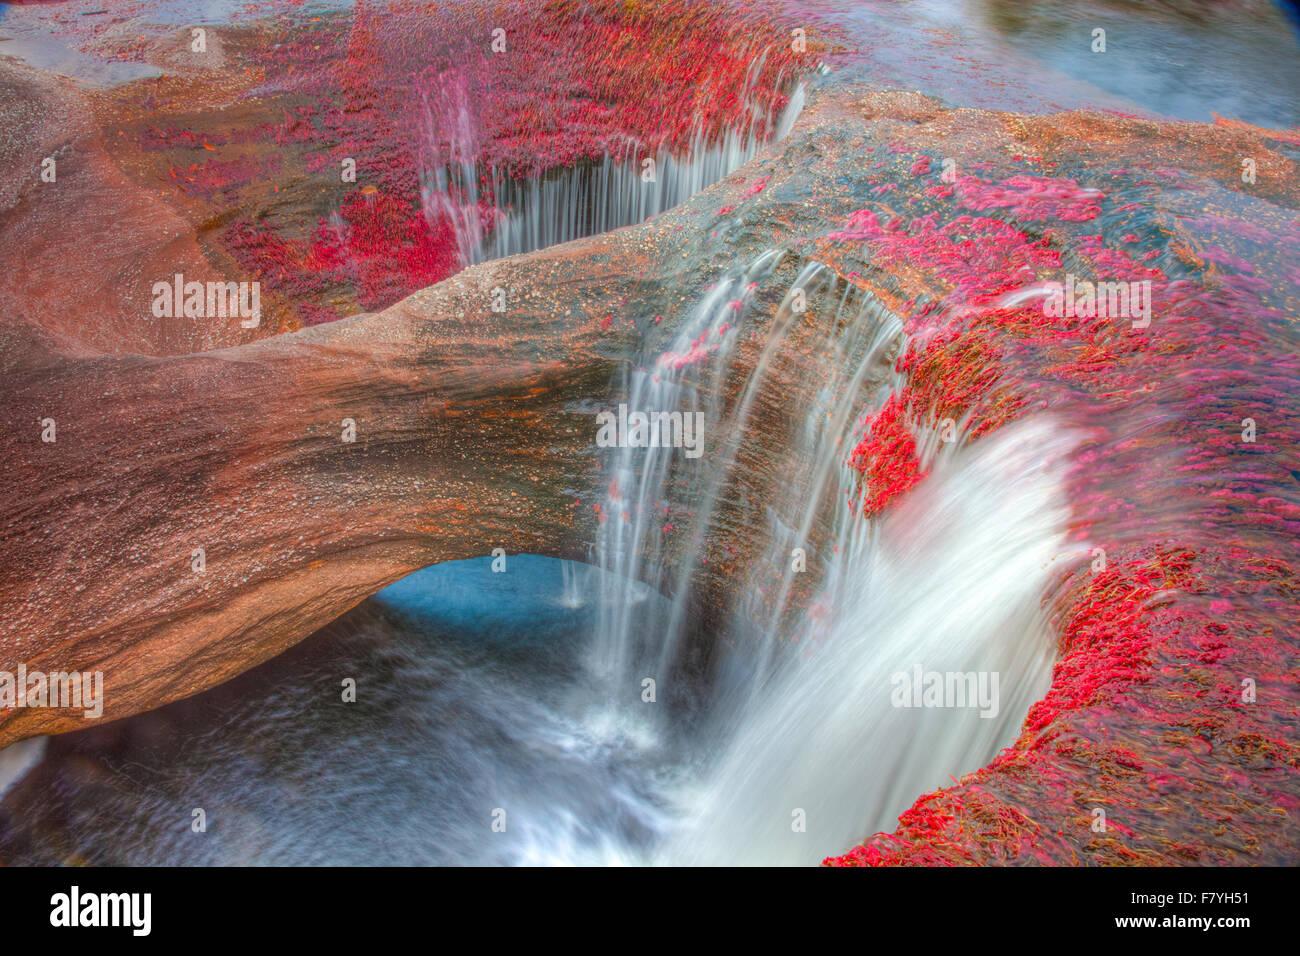 Couleurs à Cano Cristales, Colombie plantes subaquatiques (Macarenia clarigera) endémique au petit ruisseau Photo Stock